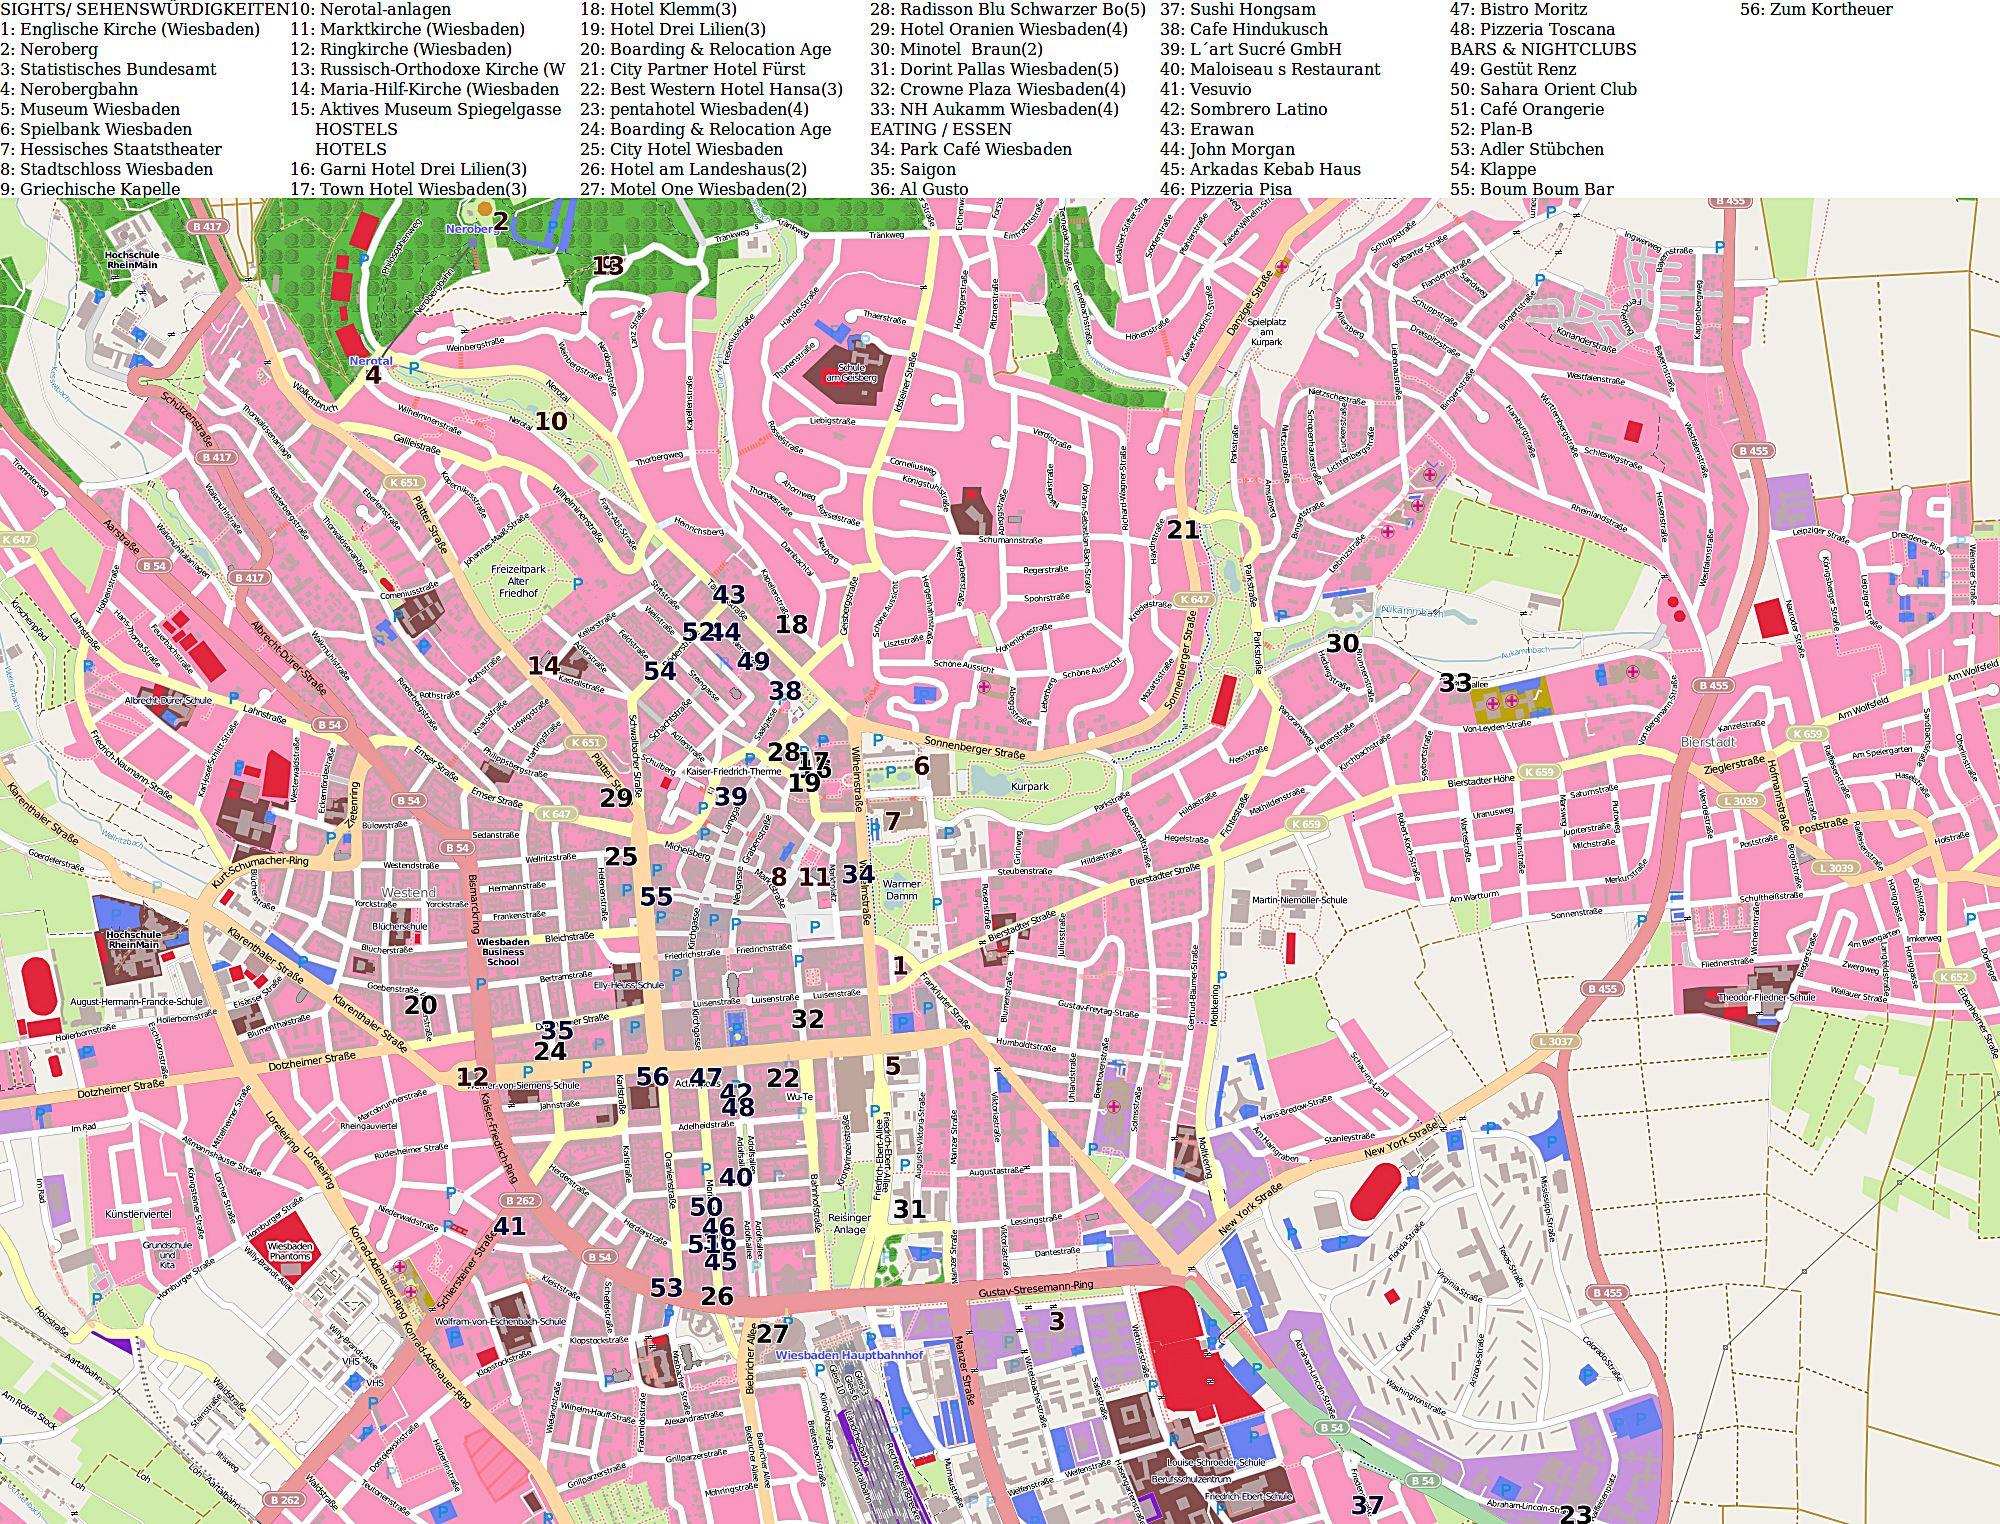 Wiesbaden Karte.Stadtplan Von Wiesbaden Detaillierte Gedruckte Karten Von